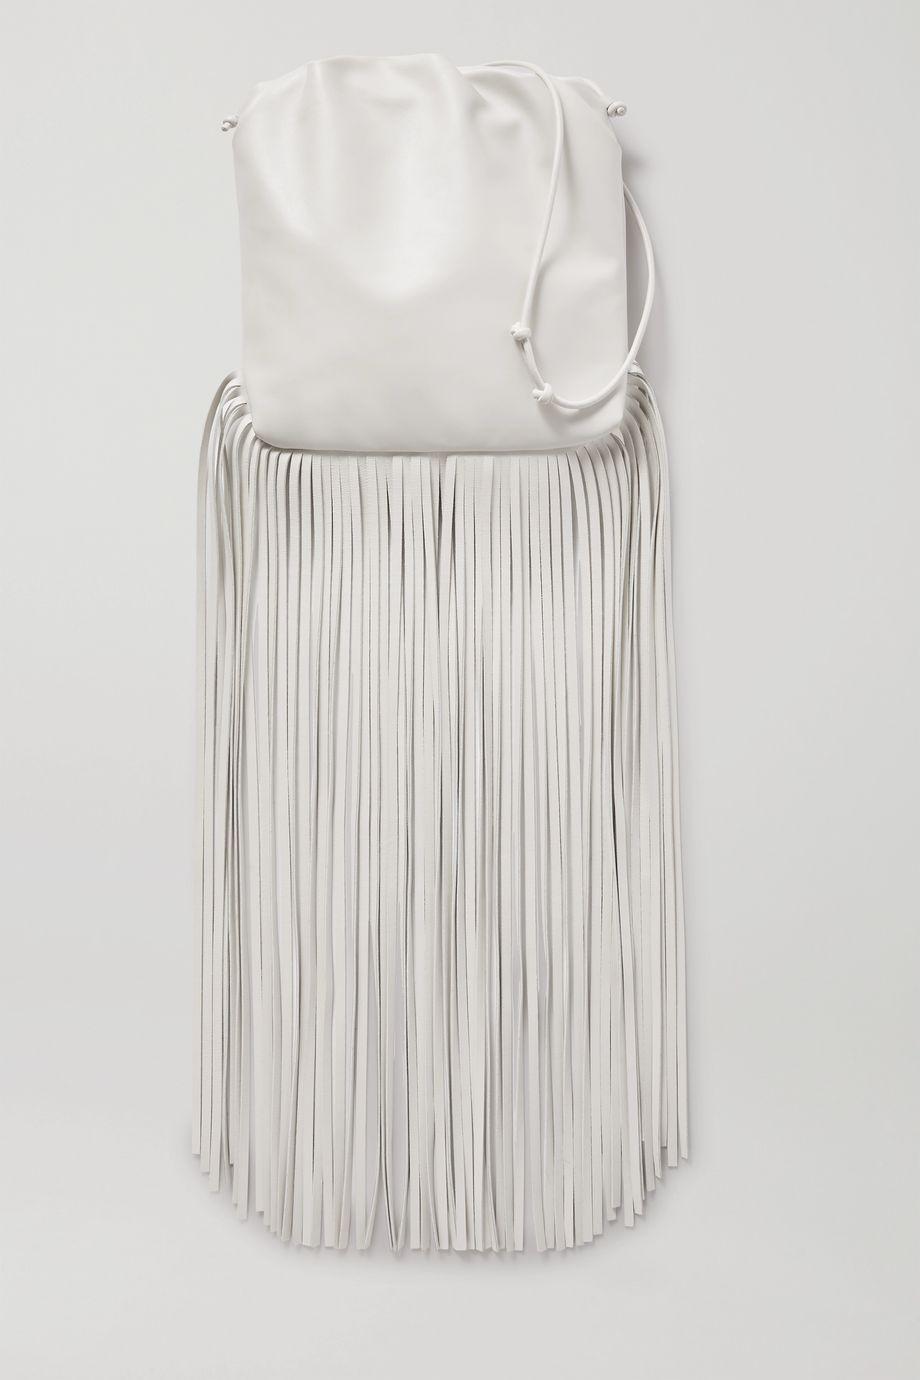 Bottega Veneta Fringe Schultertasche aus Leder mit Raffungen